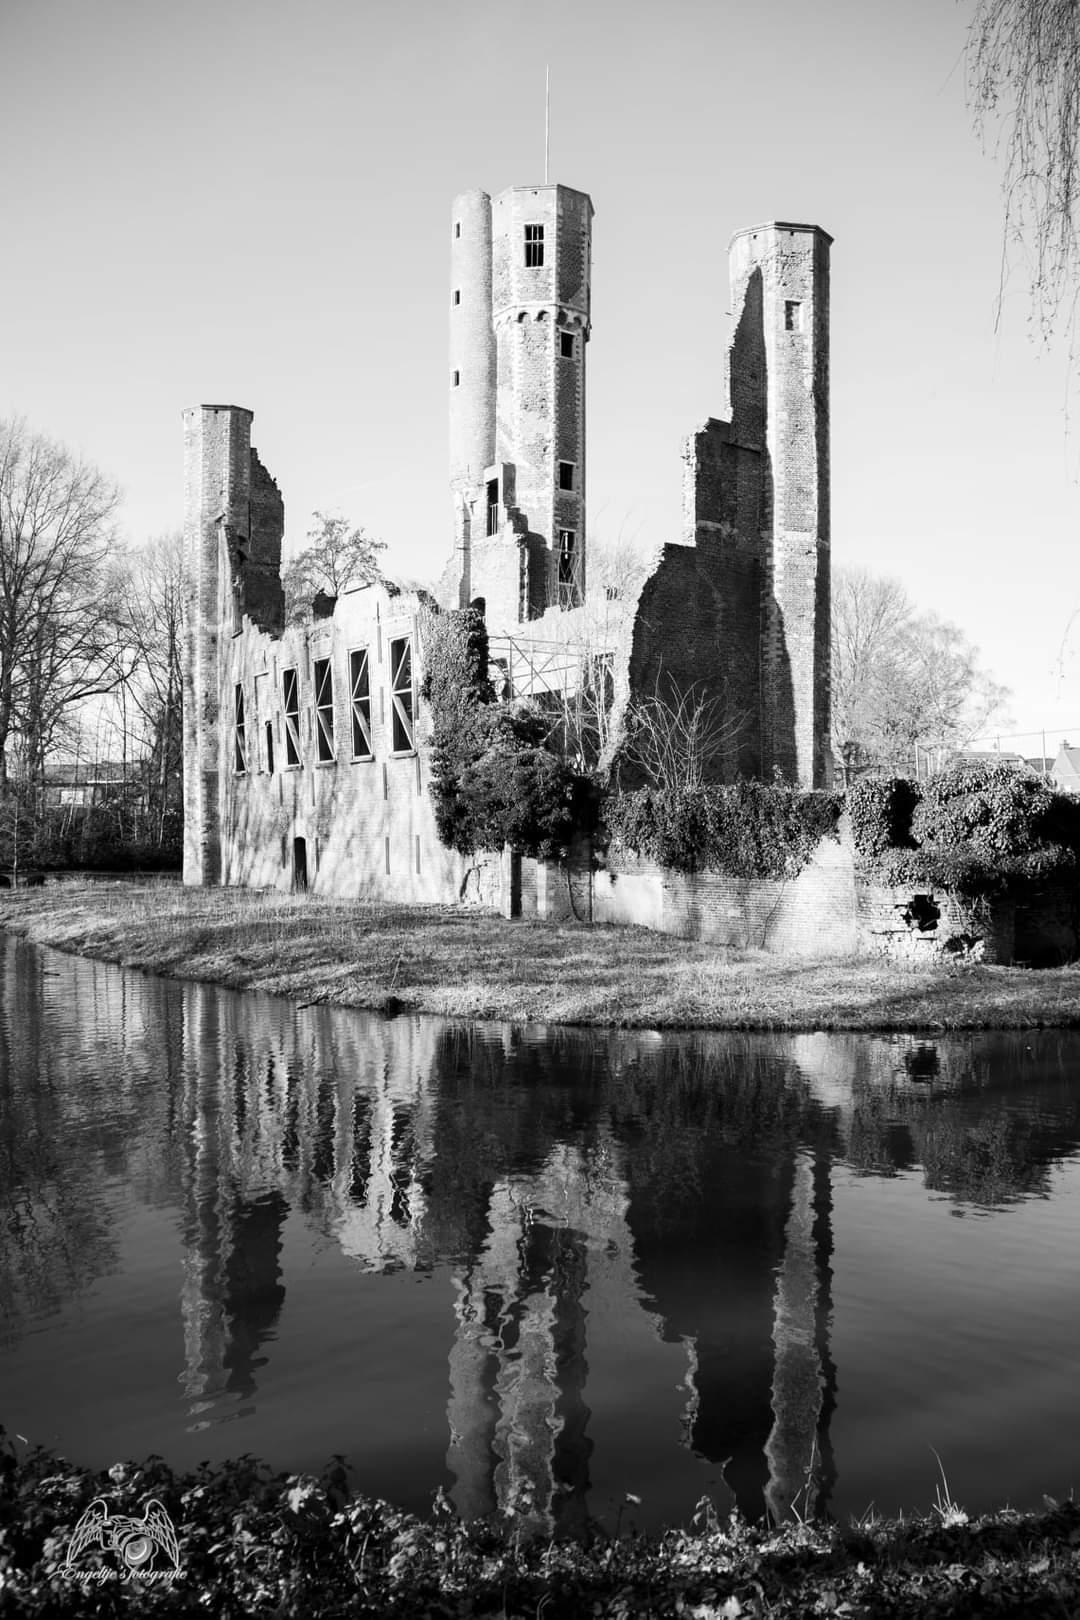 Weerkaatsing - De weerkaatsing in het water weergeven  - foto door Tasja op 13-04-2021 - locatie: 2570 Duffel, België - deze foto bevat: engeltje's fotografie, water, lucht, watervoorraden, fabriek, natuurlijk landschap, gebouw, zwart en wit, lichaam van water, stijl, waterloop